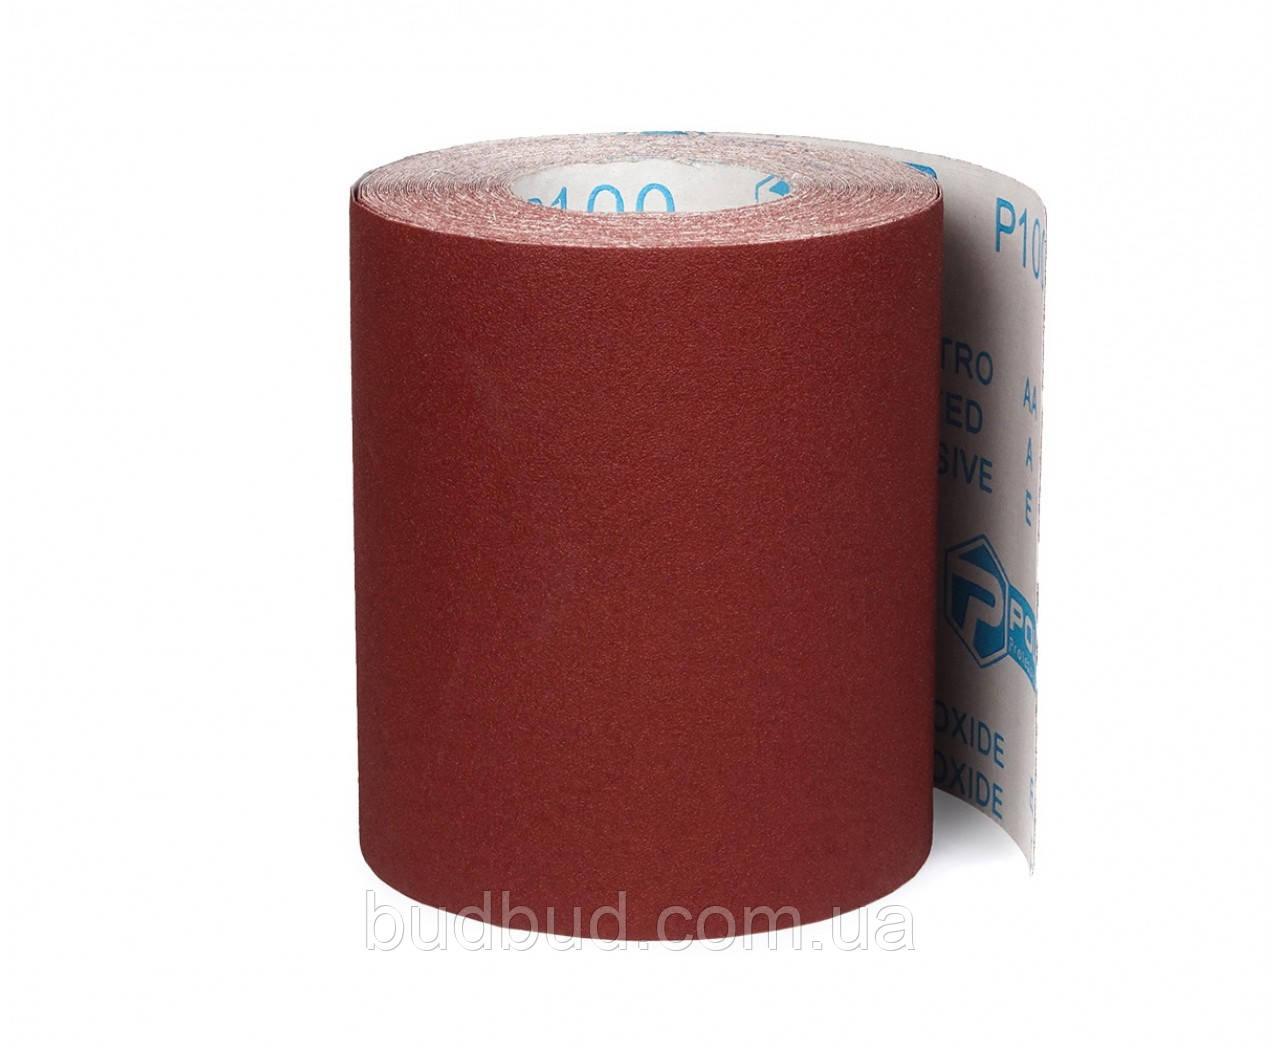 Шлифовальная шкурка на тканевой основе 200мм*25м зерно К120 (54-026) POLAX